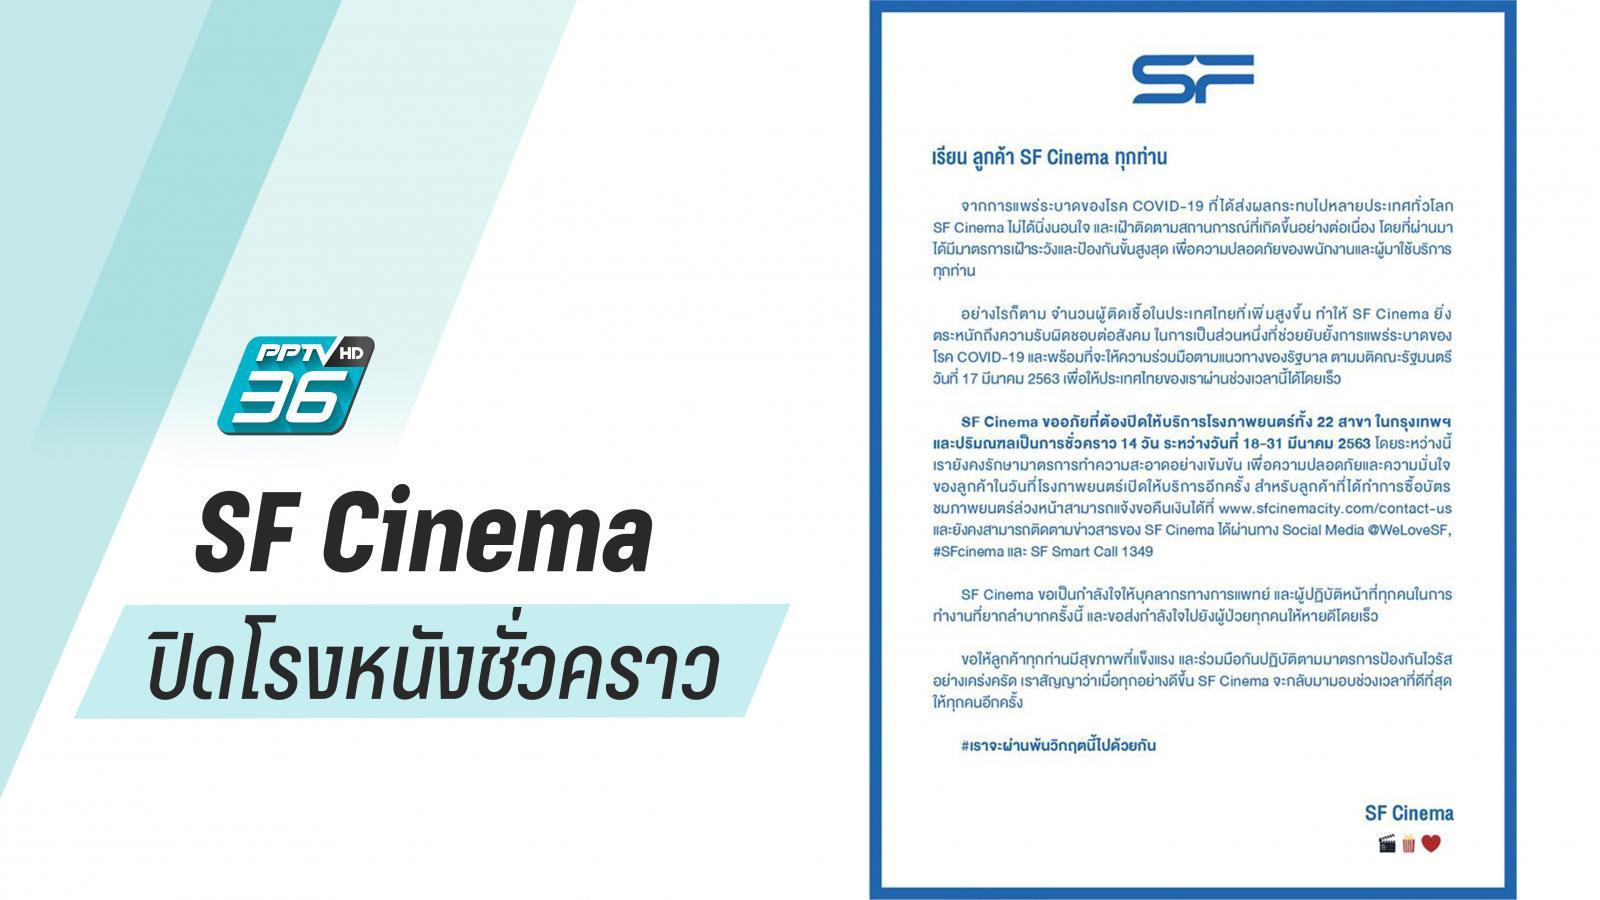 SF Cinema ปิดโรงภาพยนตร์ทั้ง 22 สาขา ชั่วคราว